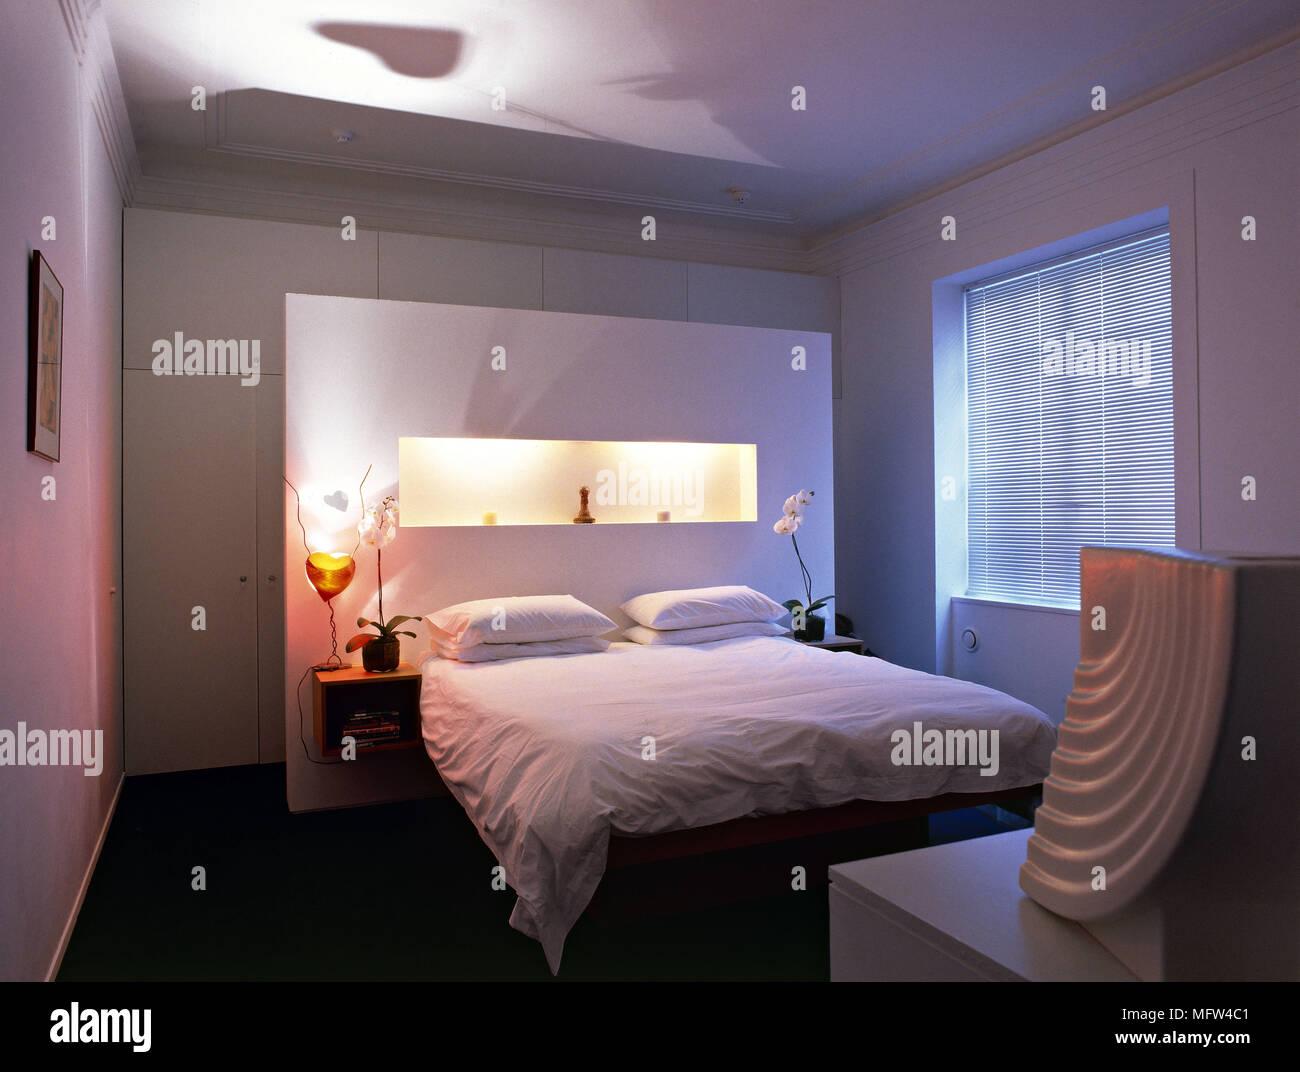 Una moderna camera da letto con letto matrimoniale accesa alcova in freestanding armadi a muro - Letto matrimoniale a parete ...